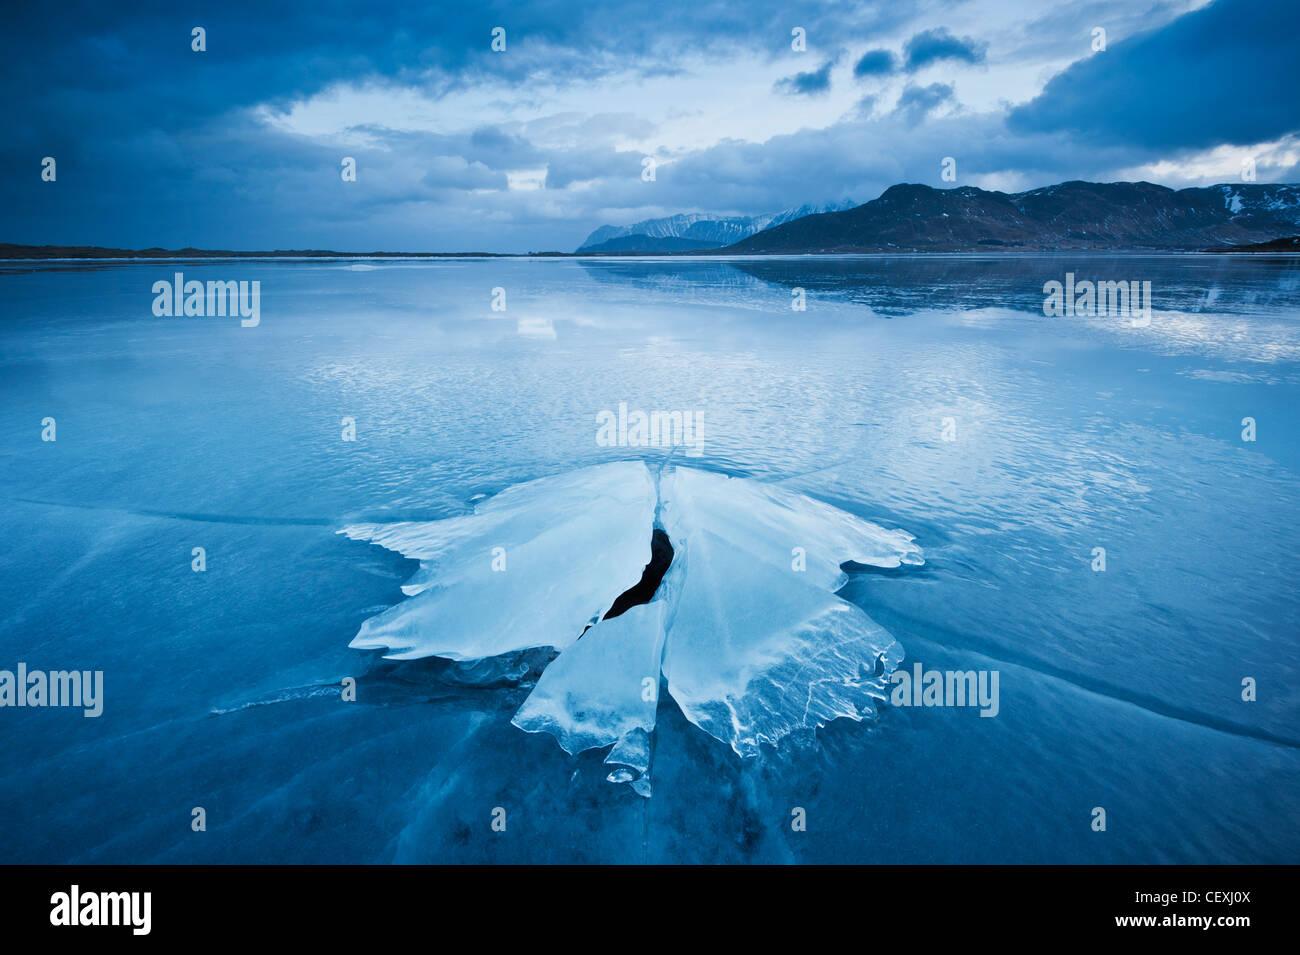 Eisbildung von gefrorenen Küste von Ytterpollen, Lofoten Inseln, Norwegen Stockfoto